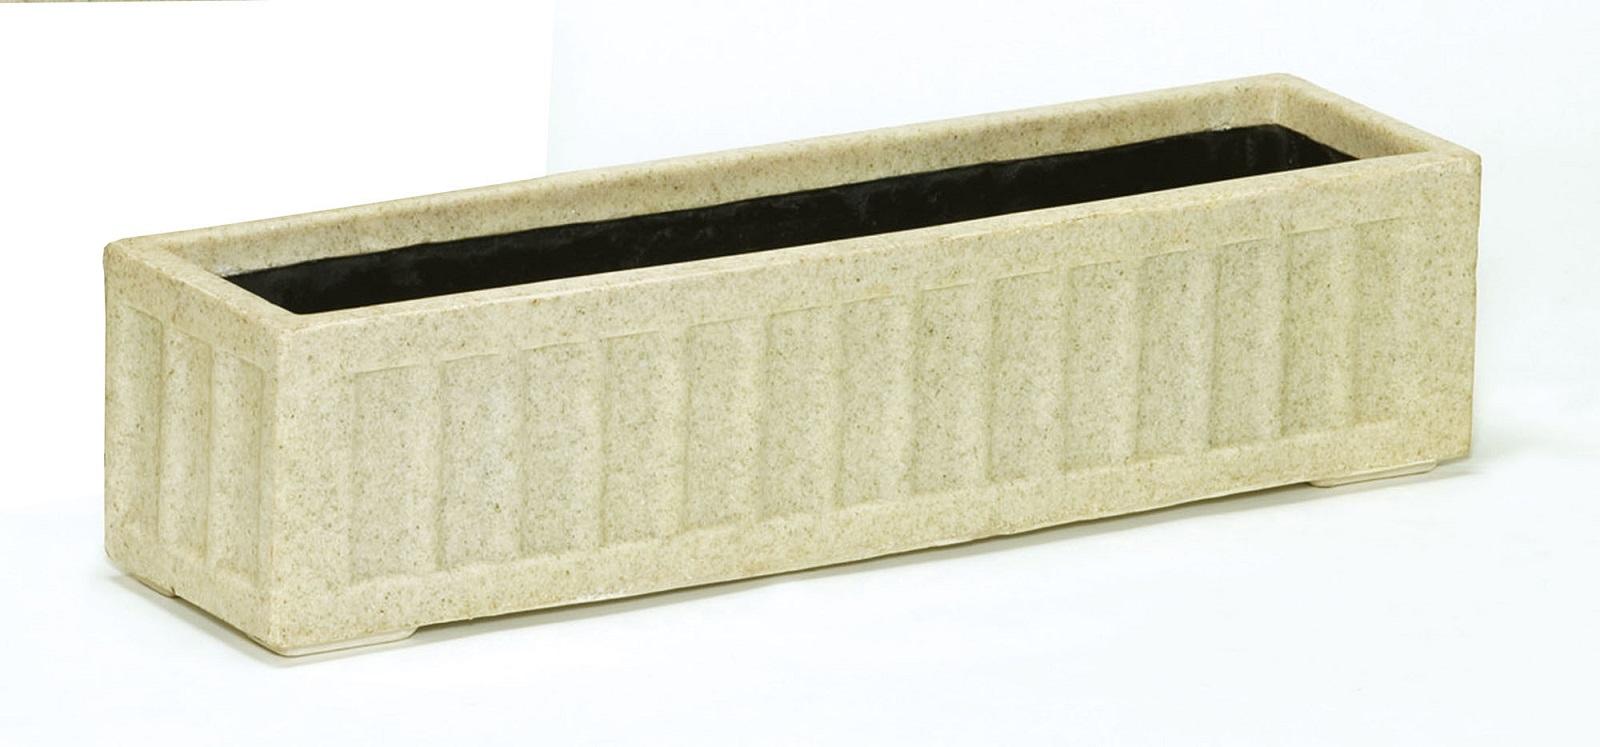 ファイバーグラス プランター [960-0101] 御影プランターS-90型御影 植木鉢 鉢カバー シンプル おしゃれ 大型 花 ガーデニング (サイズ 横90.0×奥行22.0×高さ22.0cm)